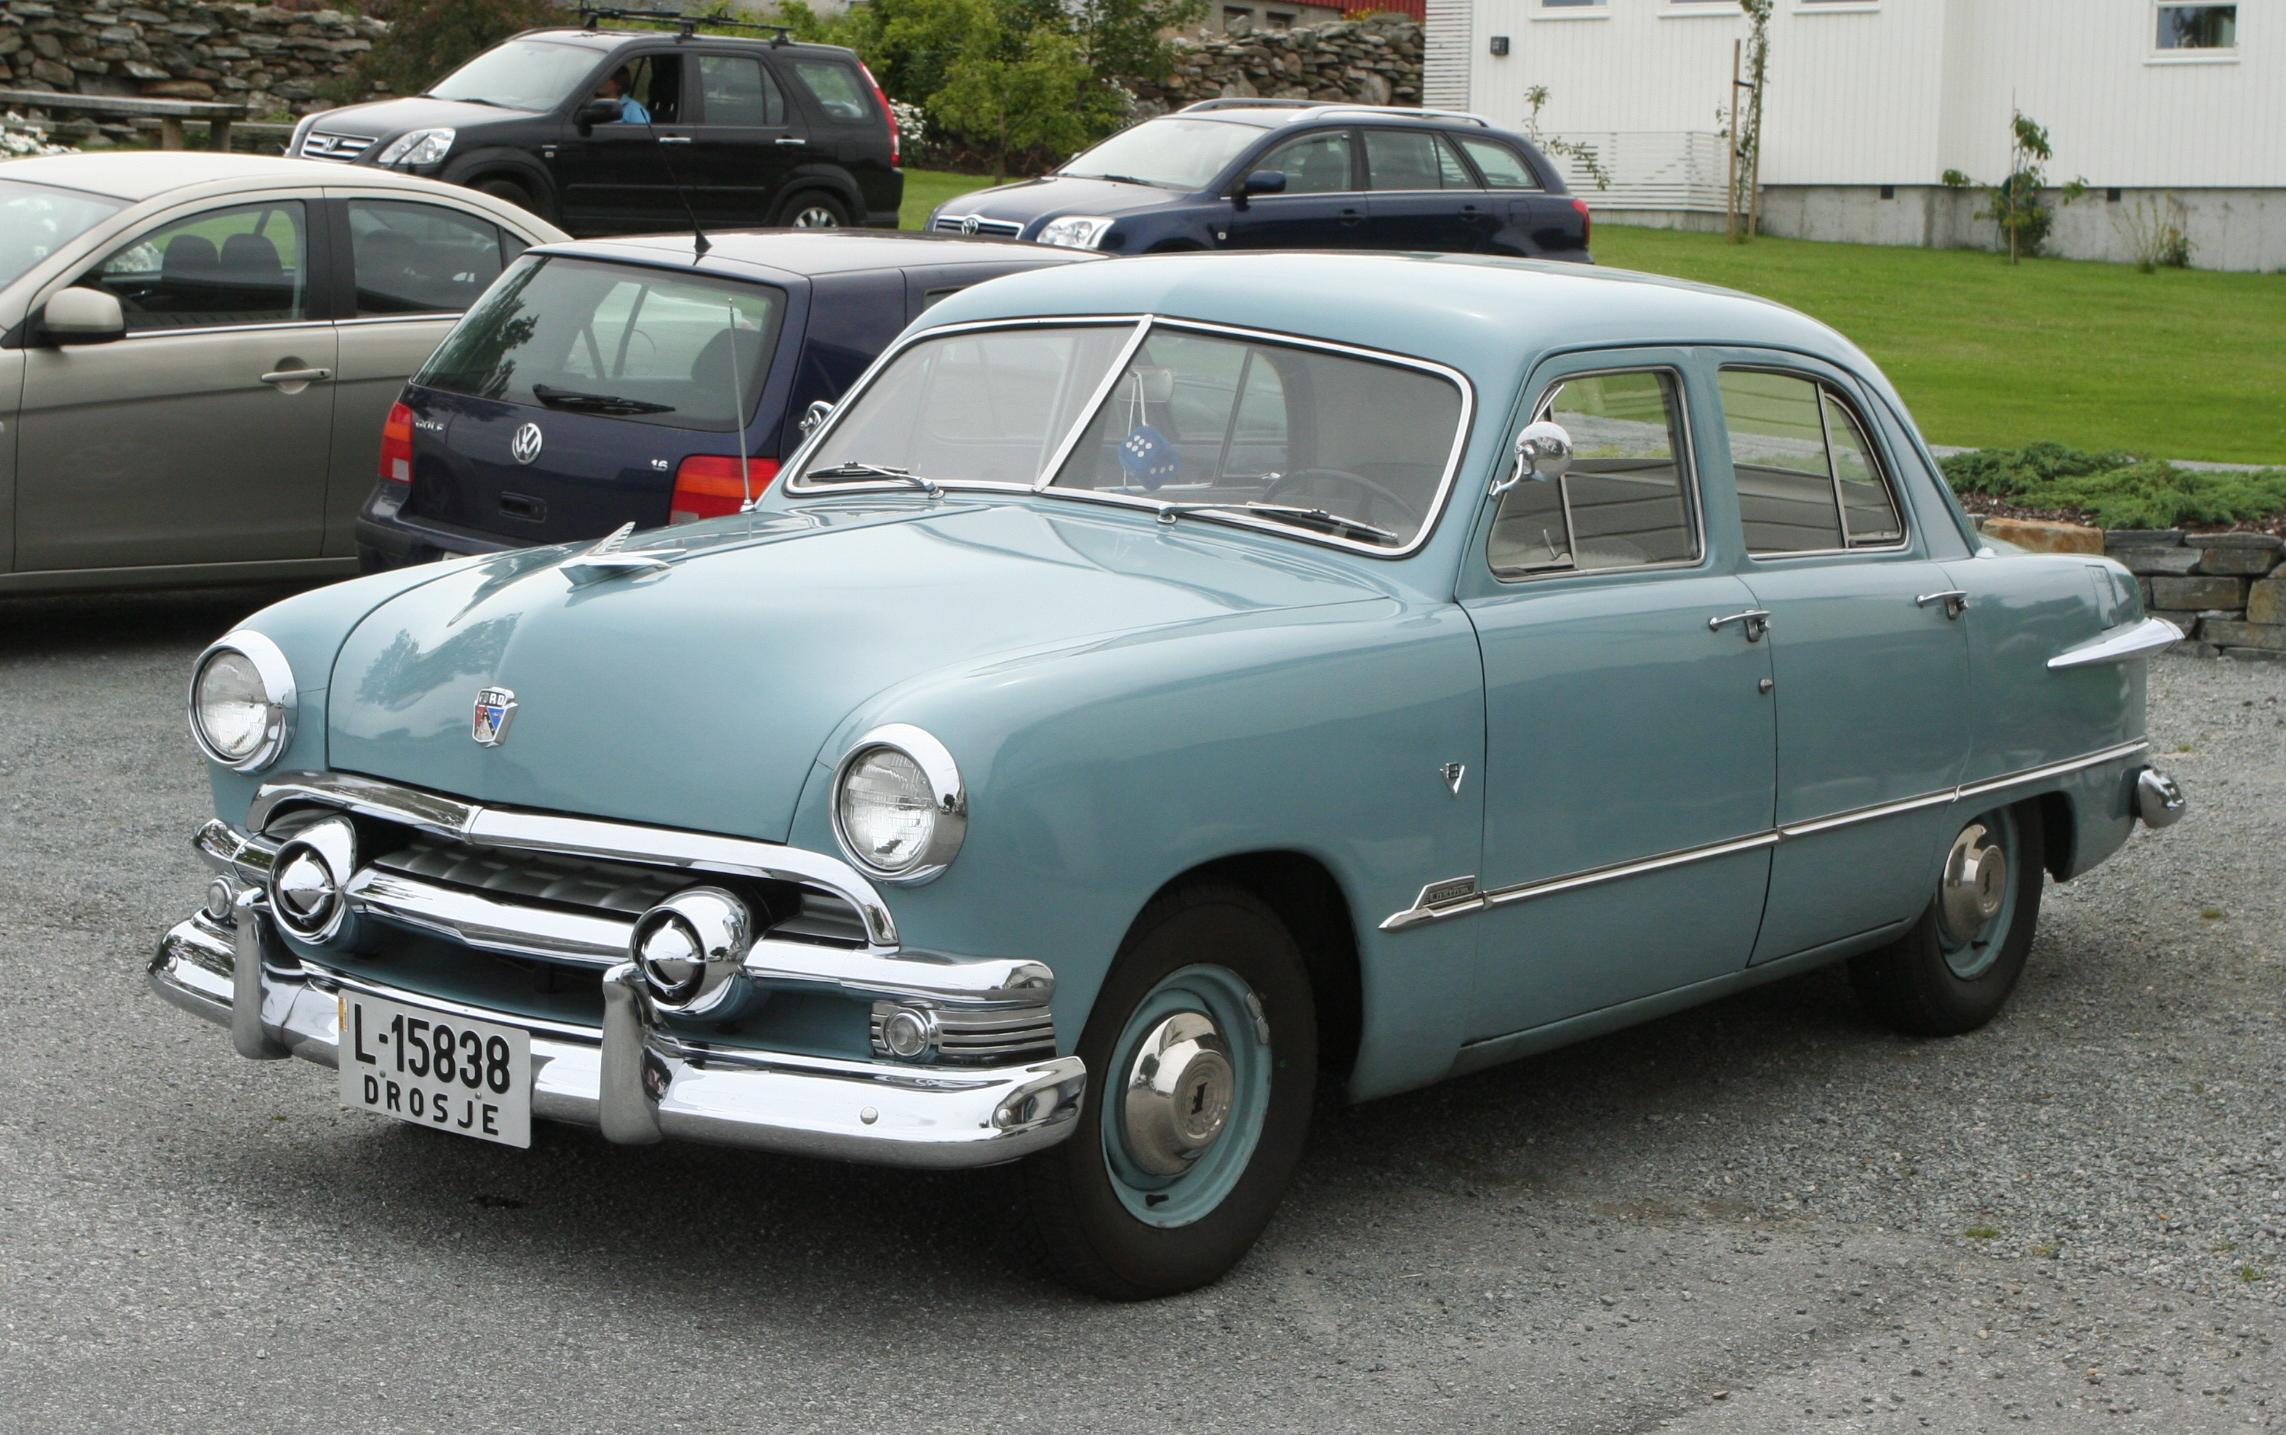 Ford Four Car Club